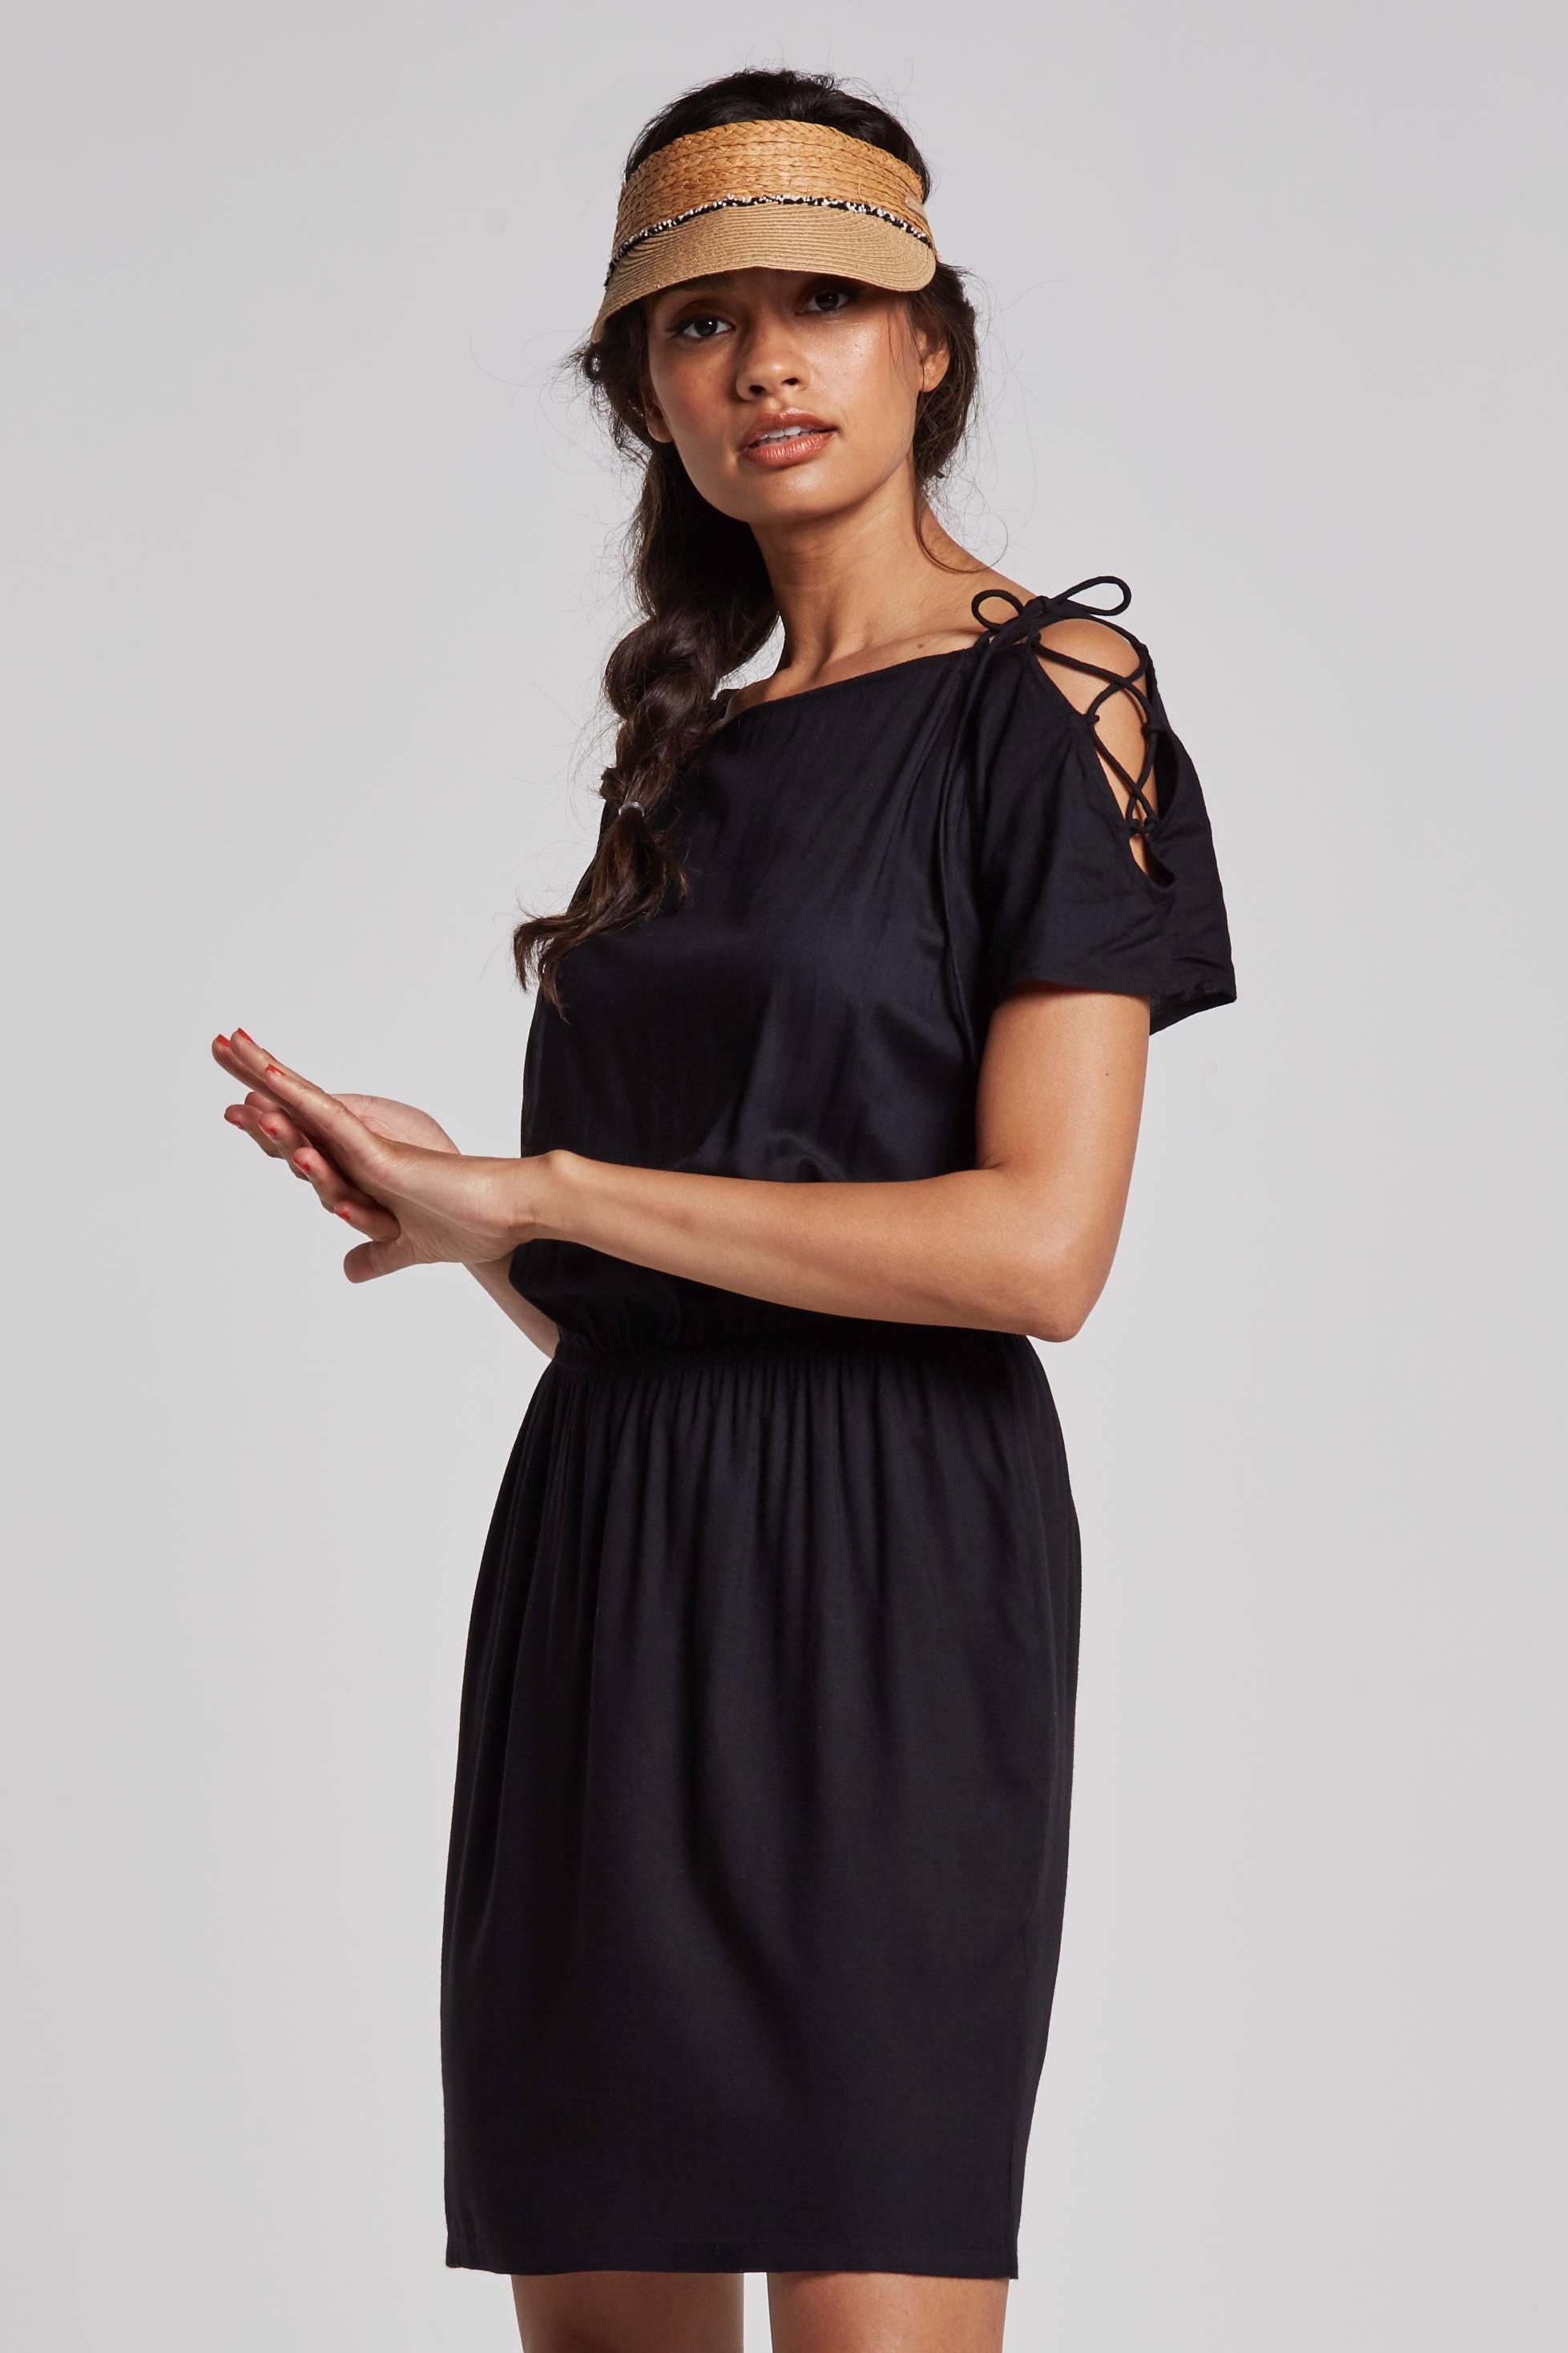 ff8efd58829e43 whkmp s beachwave jurk met veterdetail